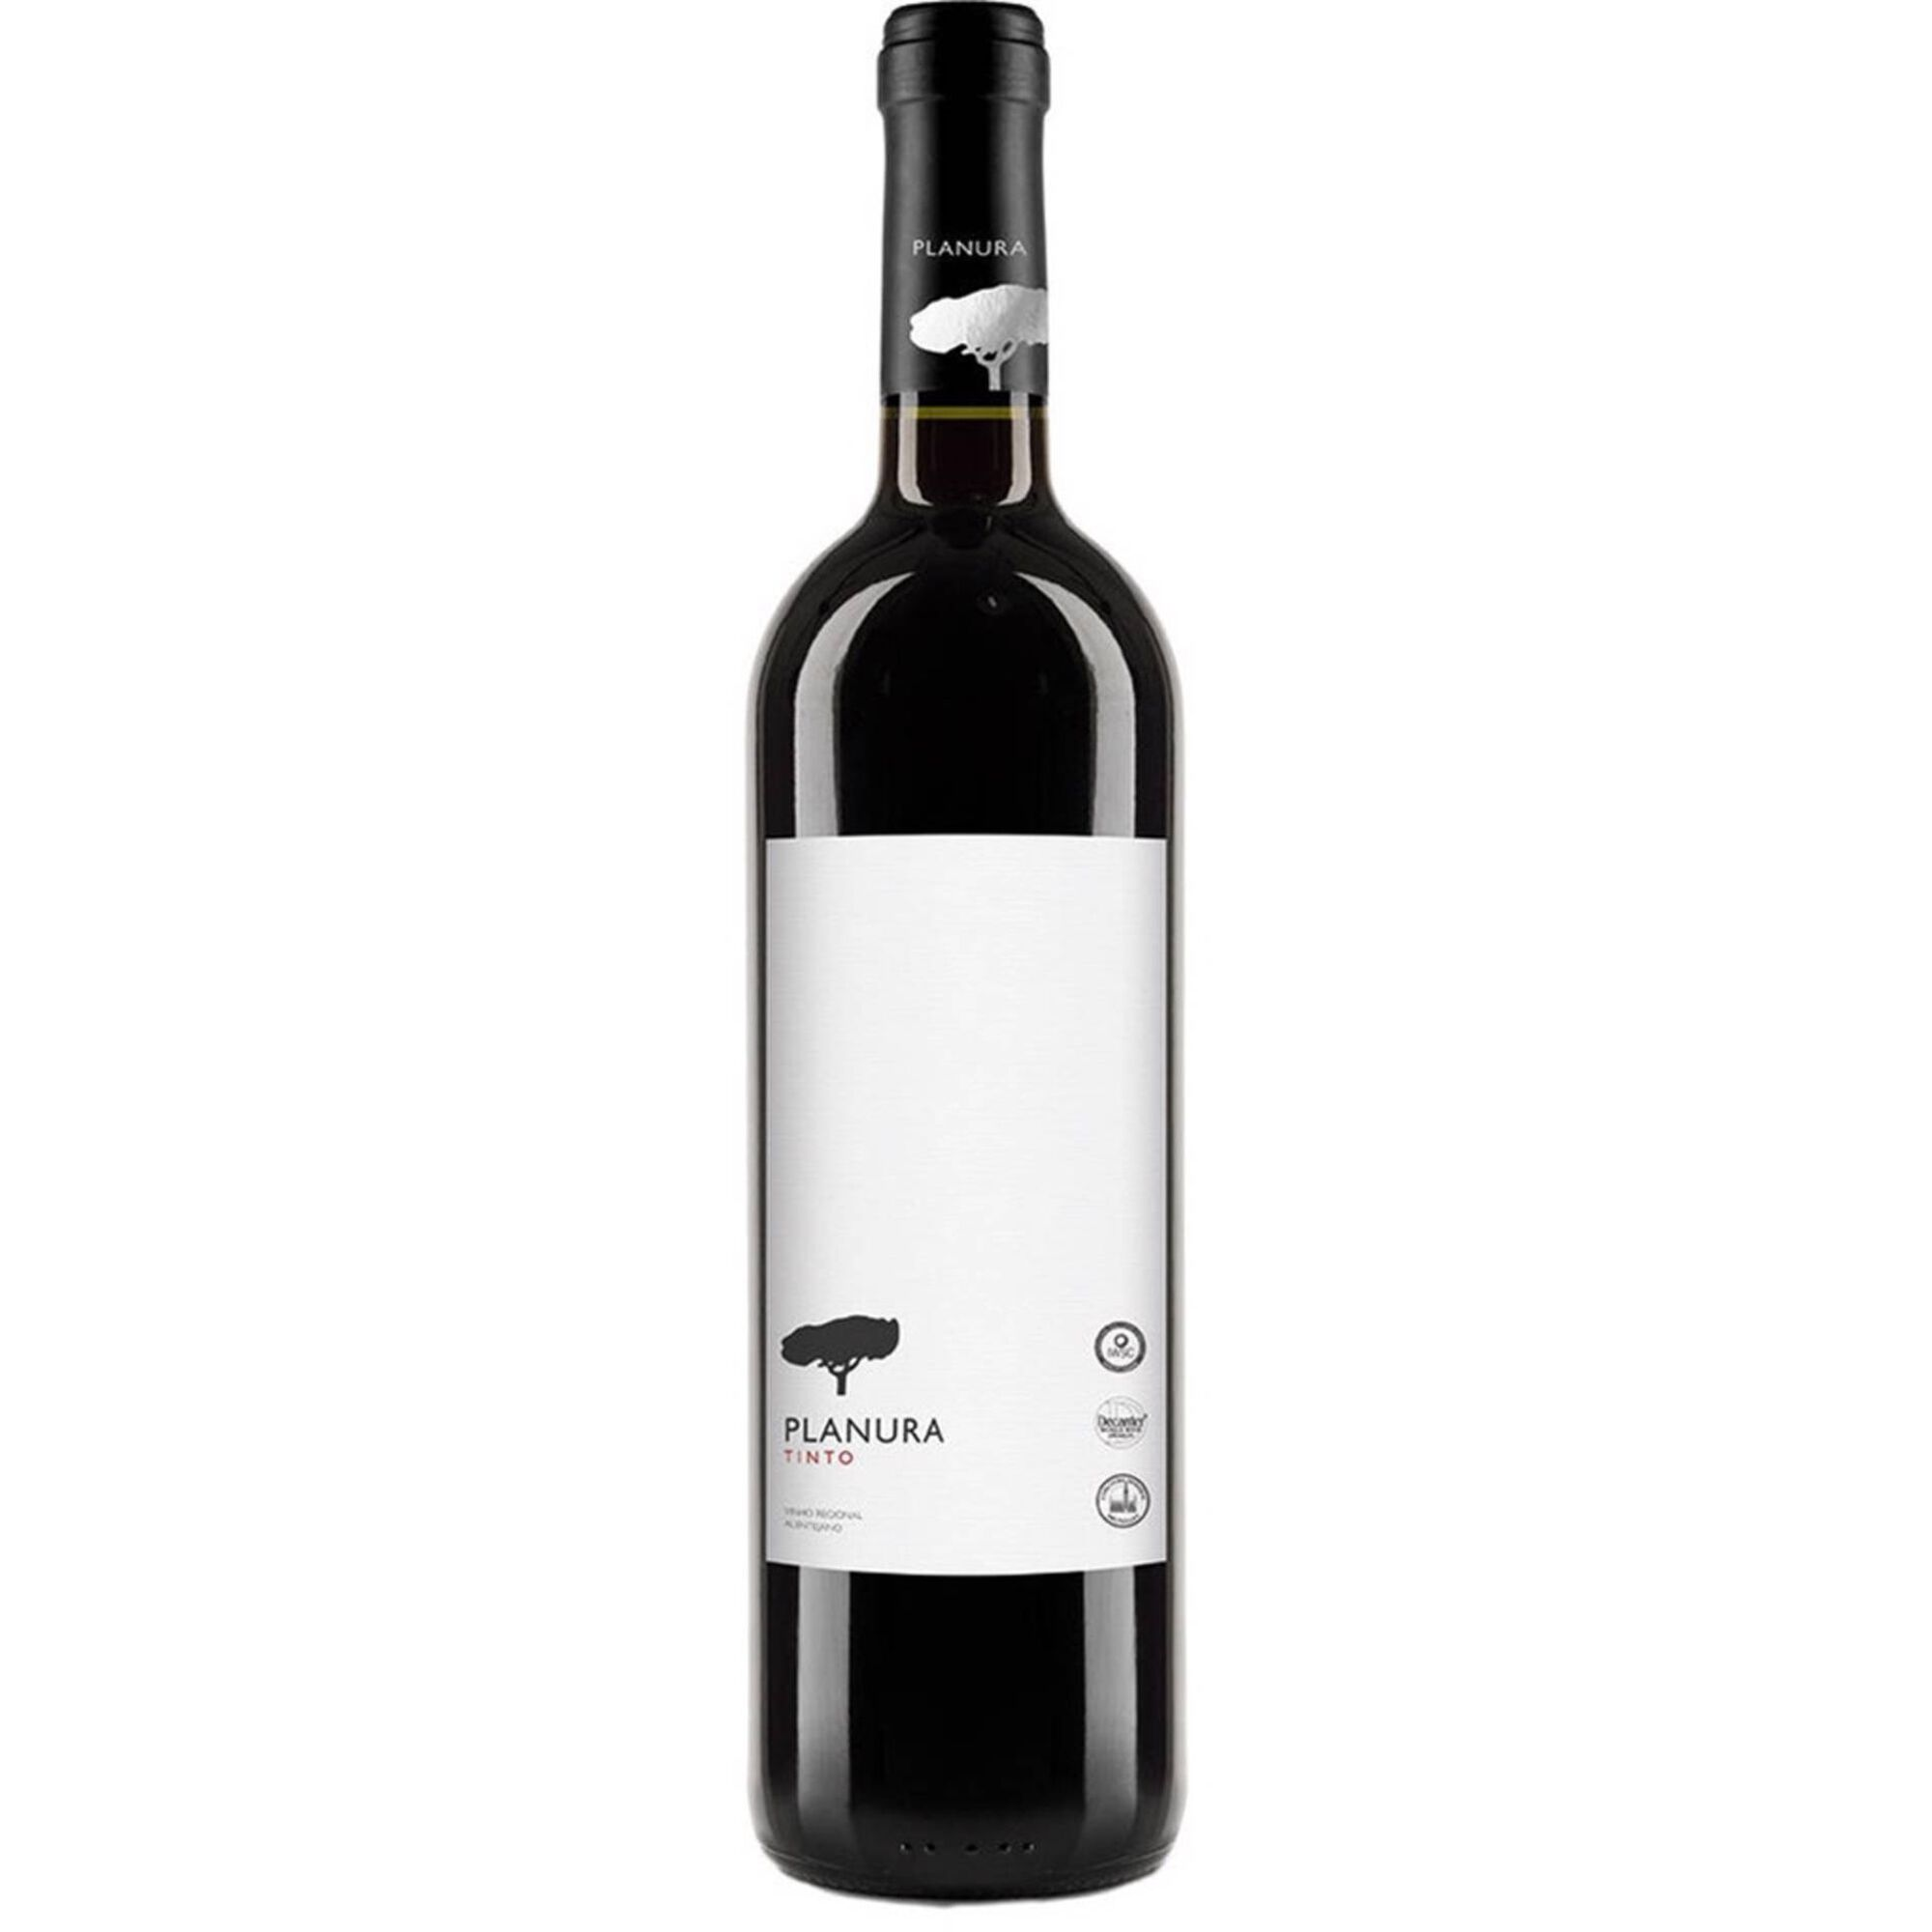 Planura Regional Alentejano Vinho Tinto